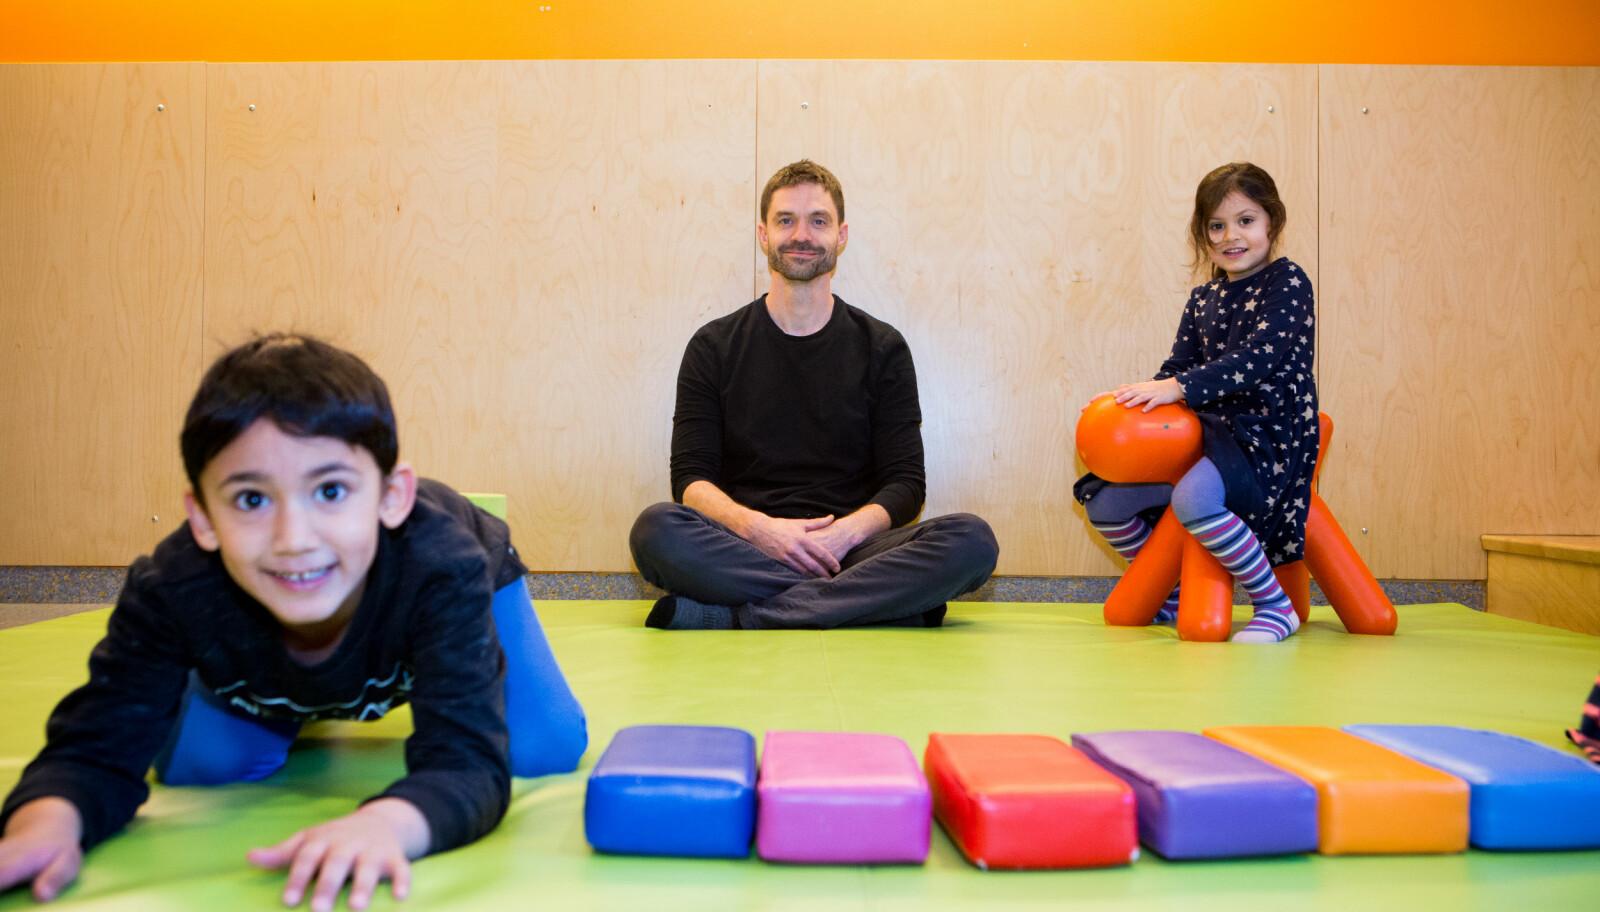 Forsker Rasmus Kleppe ved OsloMet sier de minste barna også driver med risikolek, når de forsøker å reise seg for første gang, klatrer opp på en puff eller lekesloss. Foto: Charlotte E. Wiig